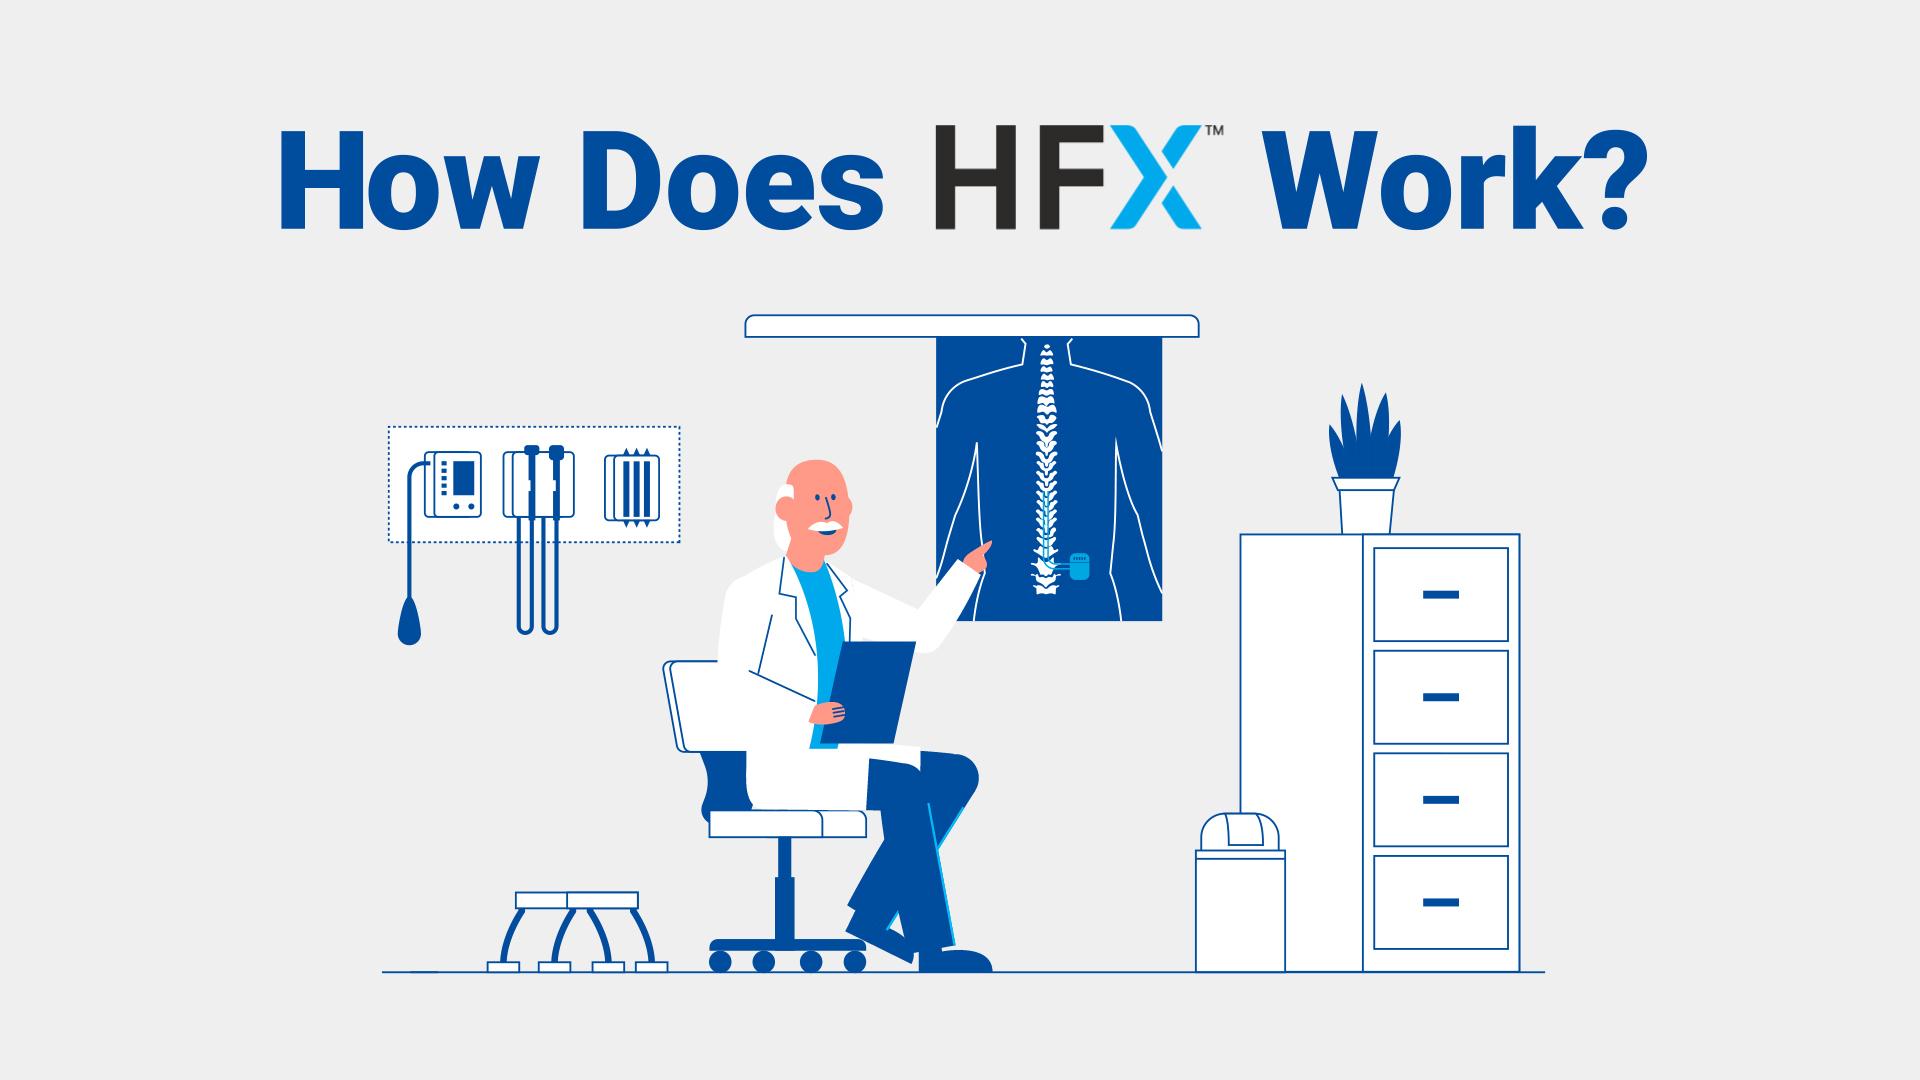 https://www.nevrohfx.com/app/uploads/sites/7/2021/07/HFX-How-SCS-Works-Thumbnail-4k.jpg